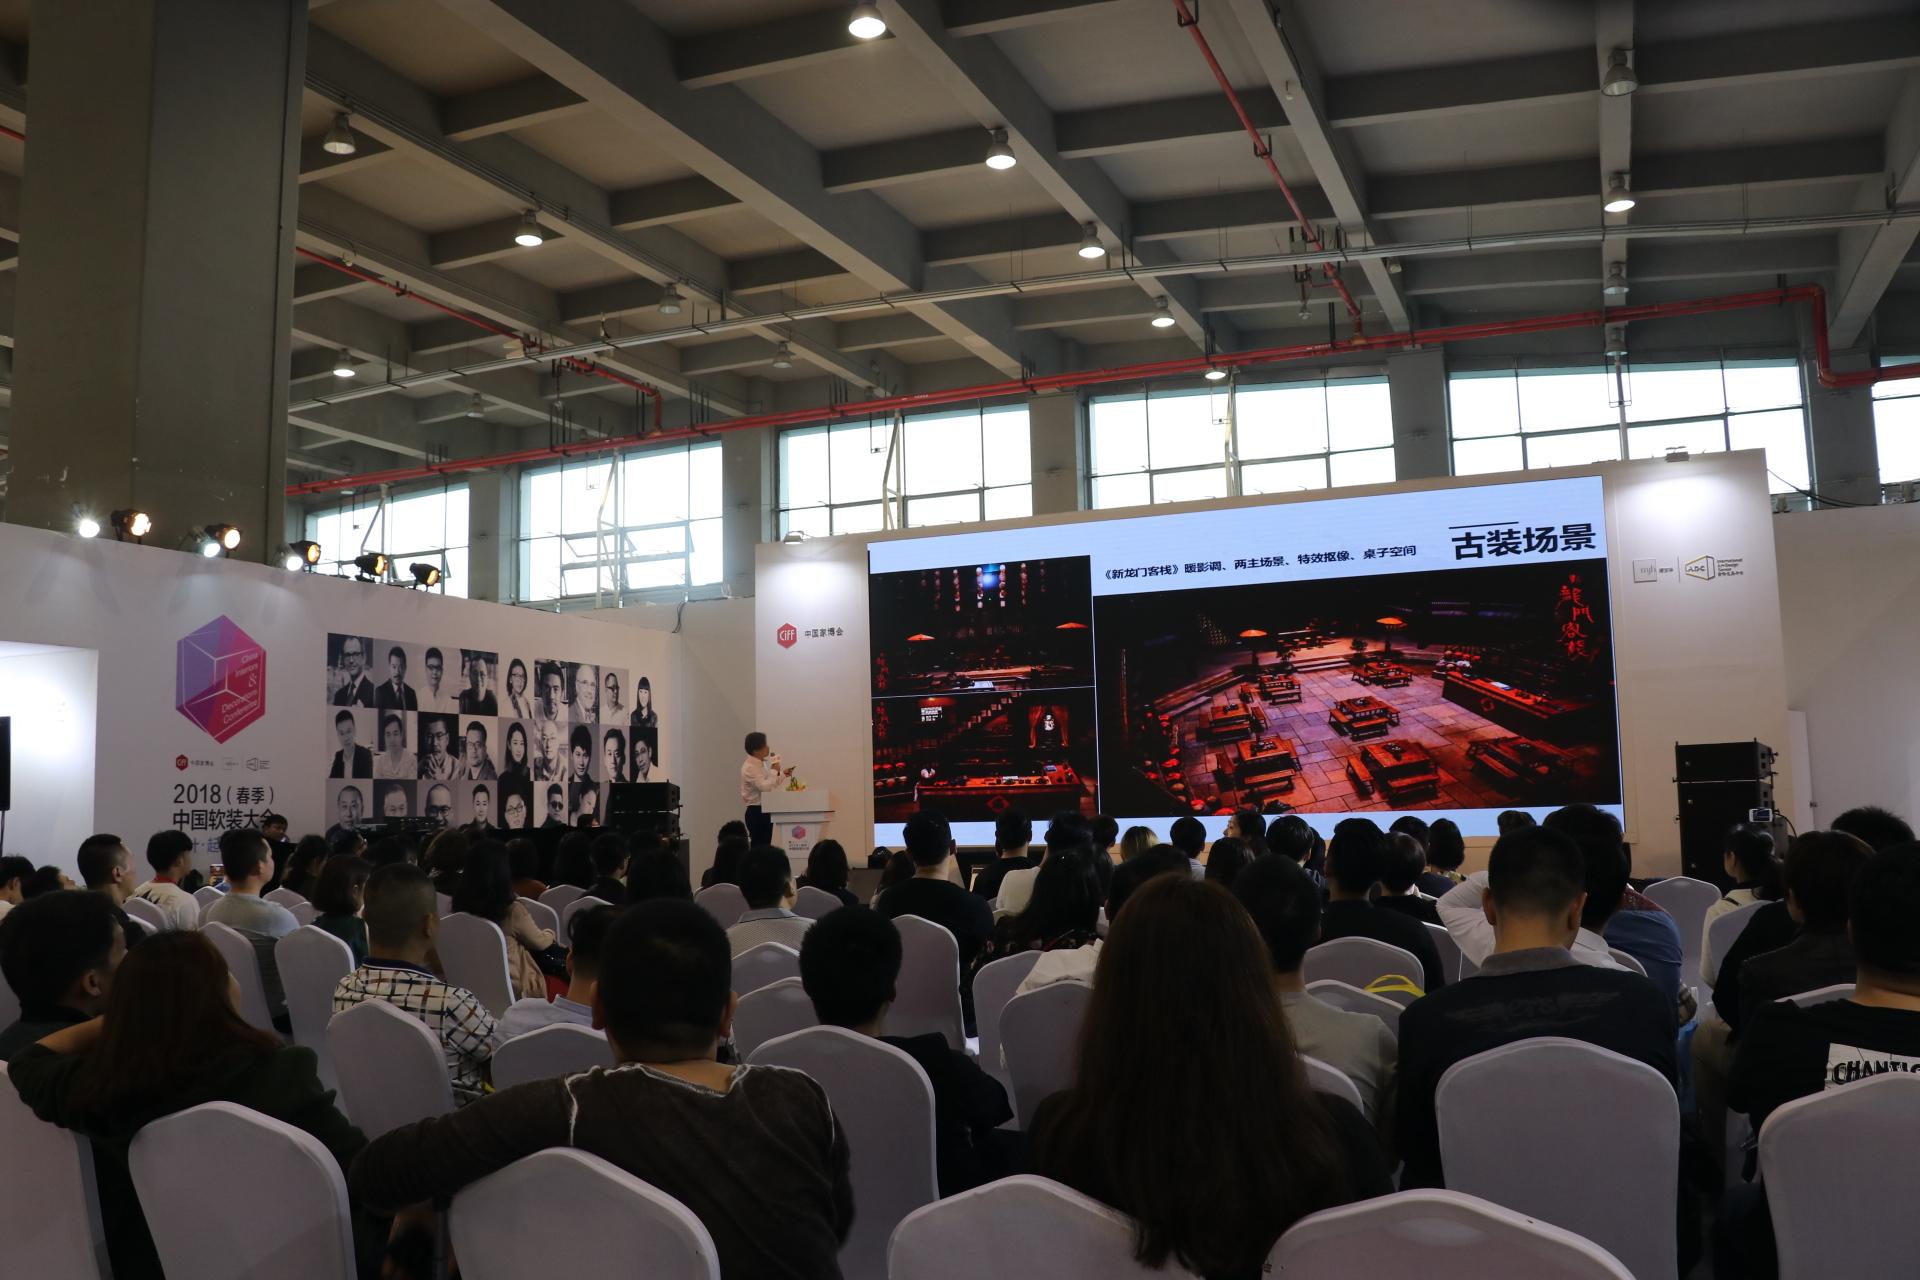 易博星光影业创始人CEO、制片人、导演杨博带来《影像中的家居设计》分享。